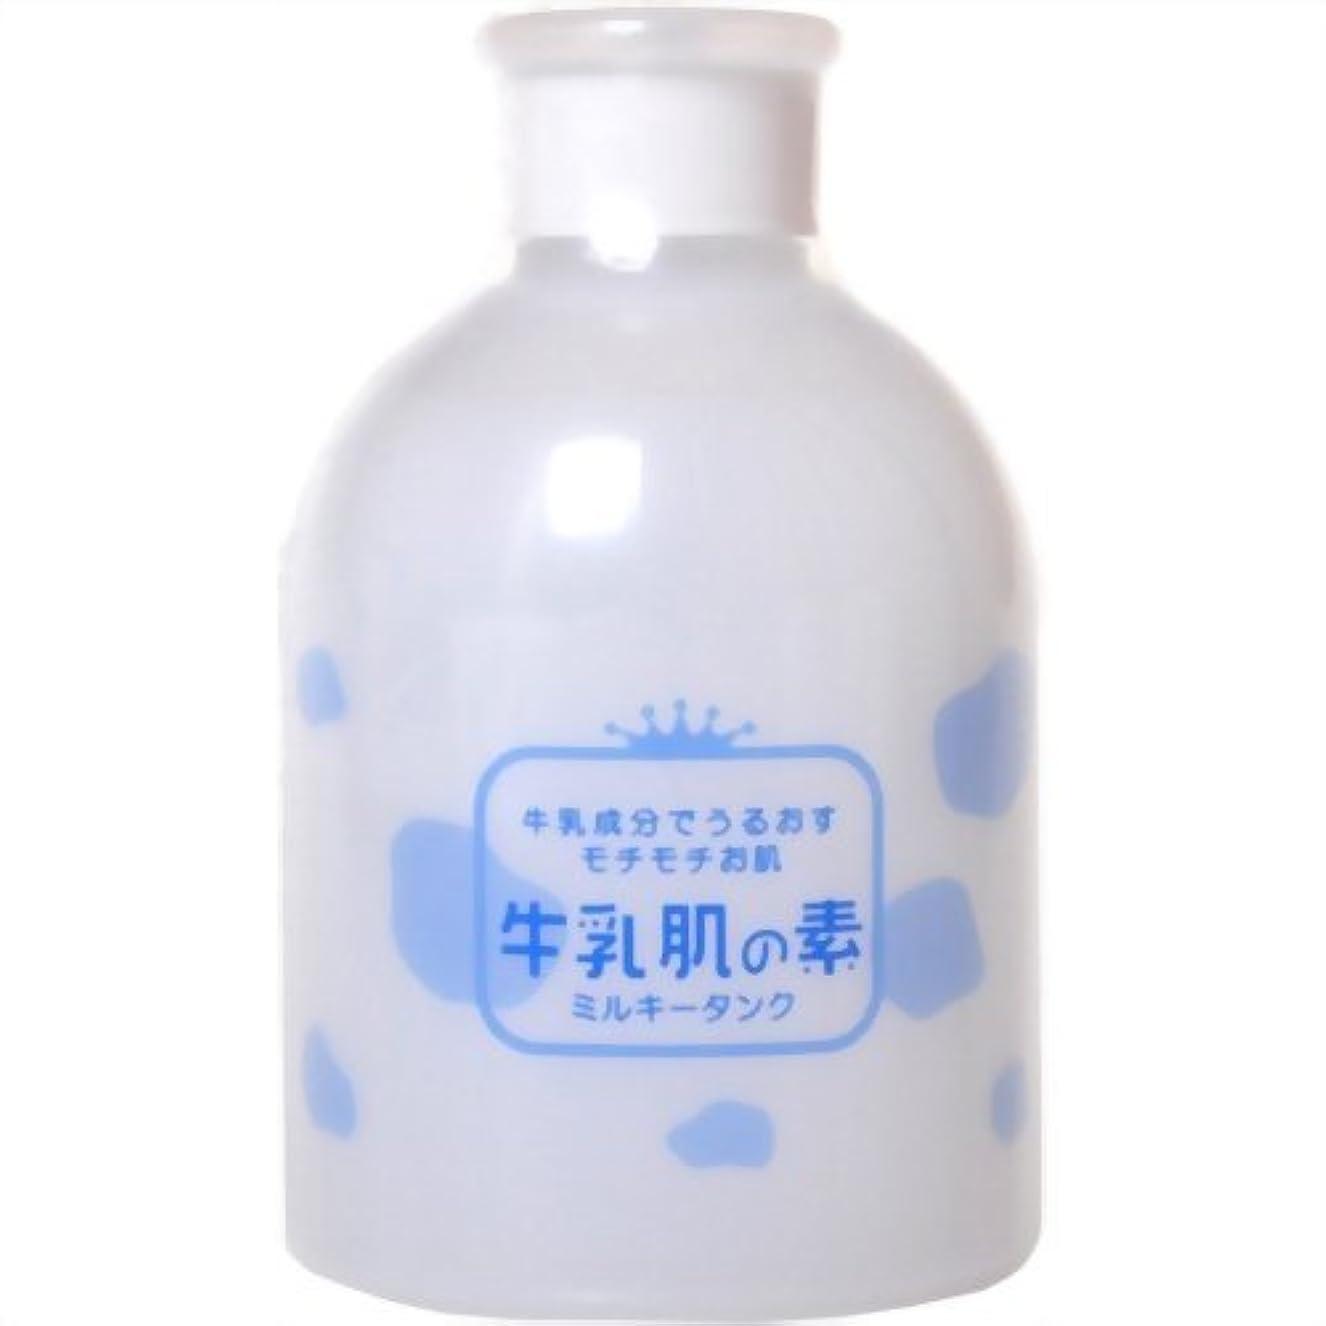 ペニー衝突登山家牛乳肌の素 ミルキータンク(化粧水) 300ml